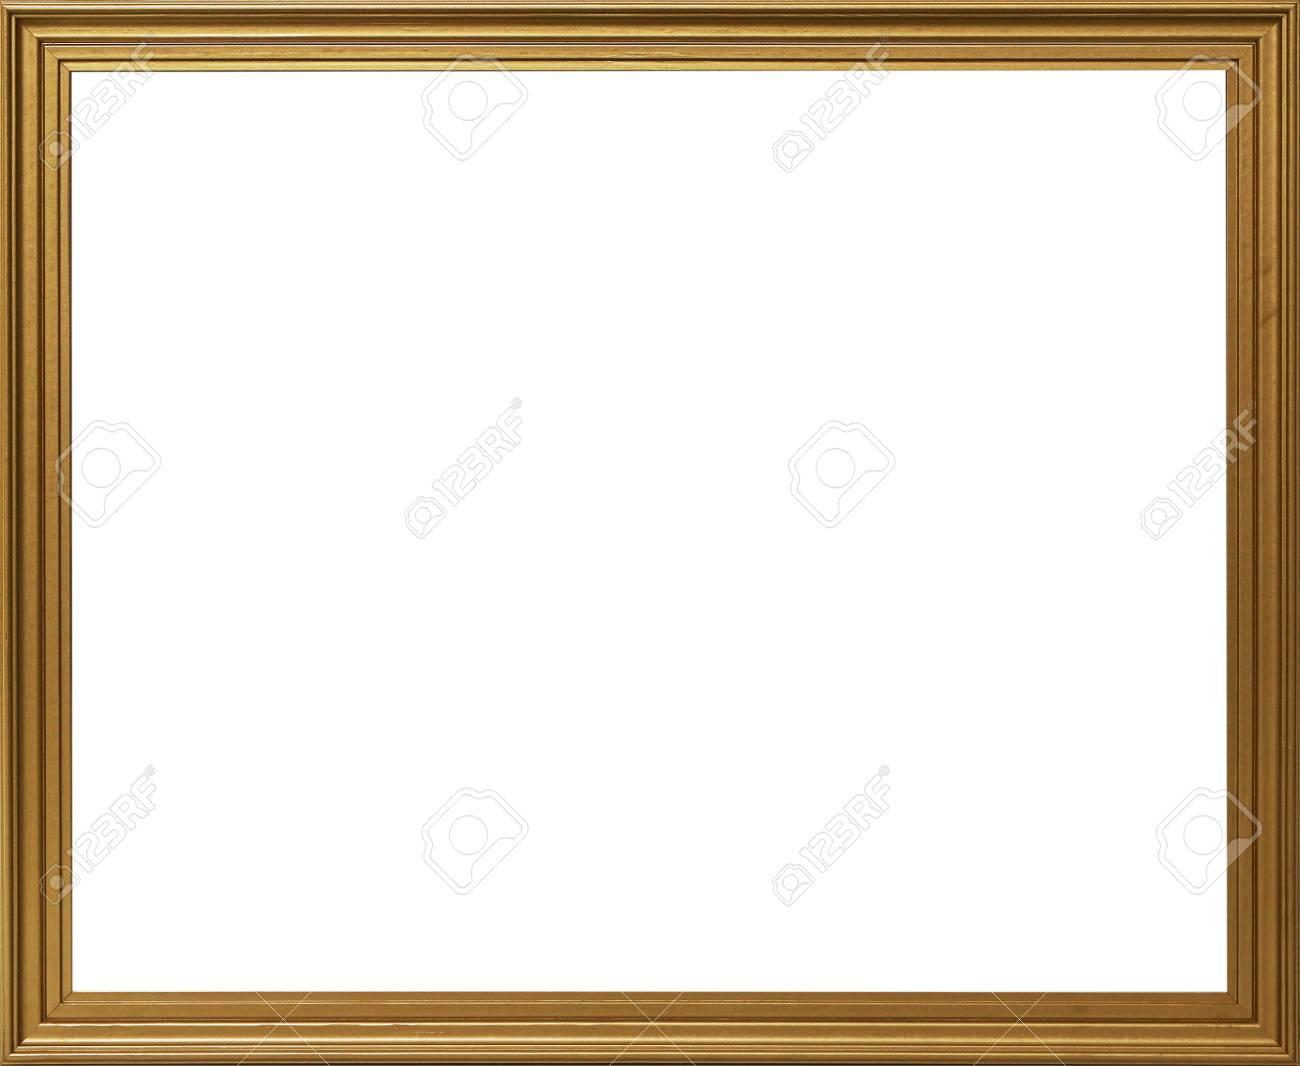 Cadre Vide cadre vide avec l'intérieur blanc banque d'images et photos libres